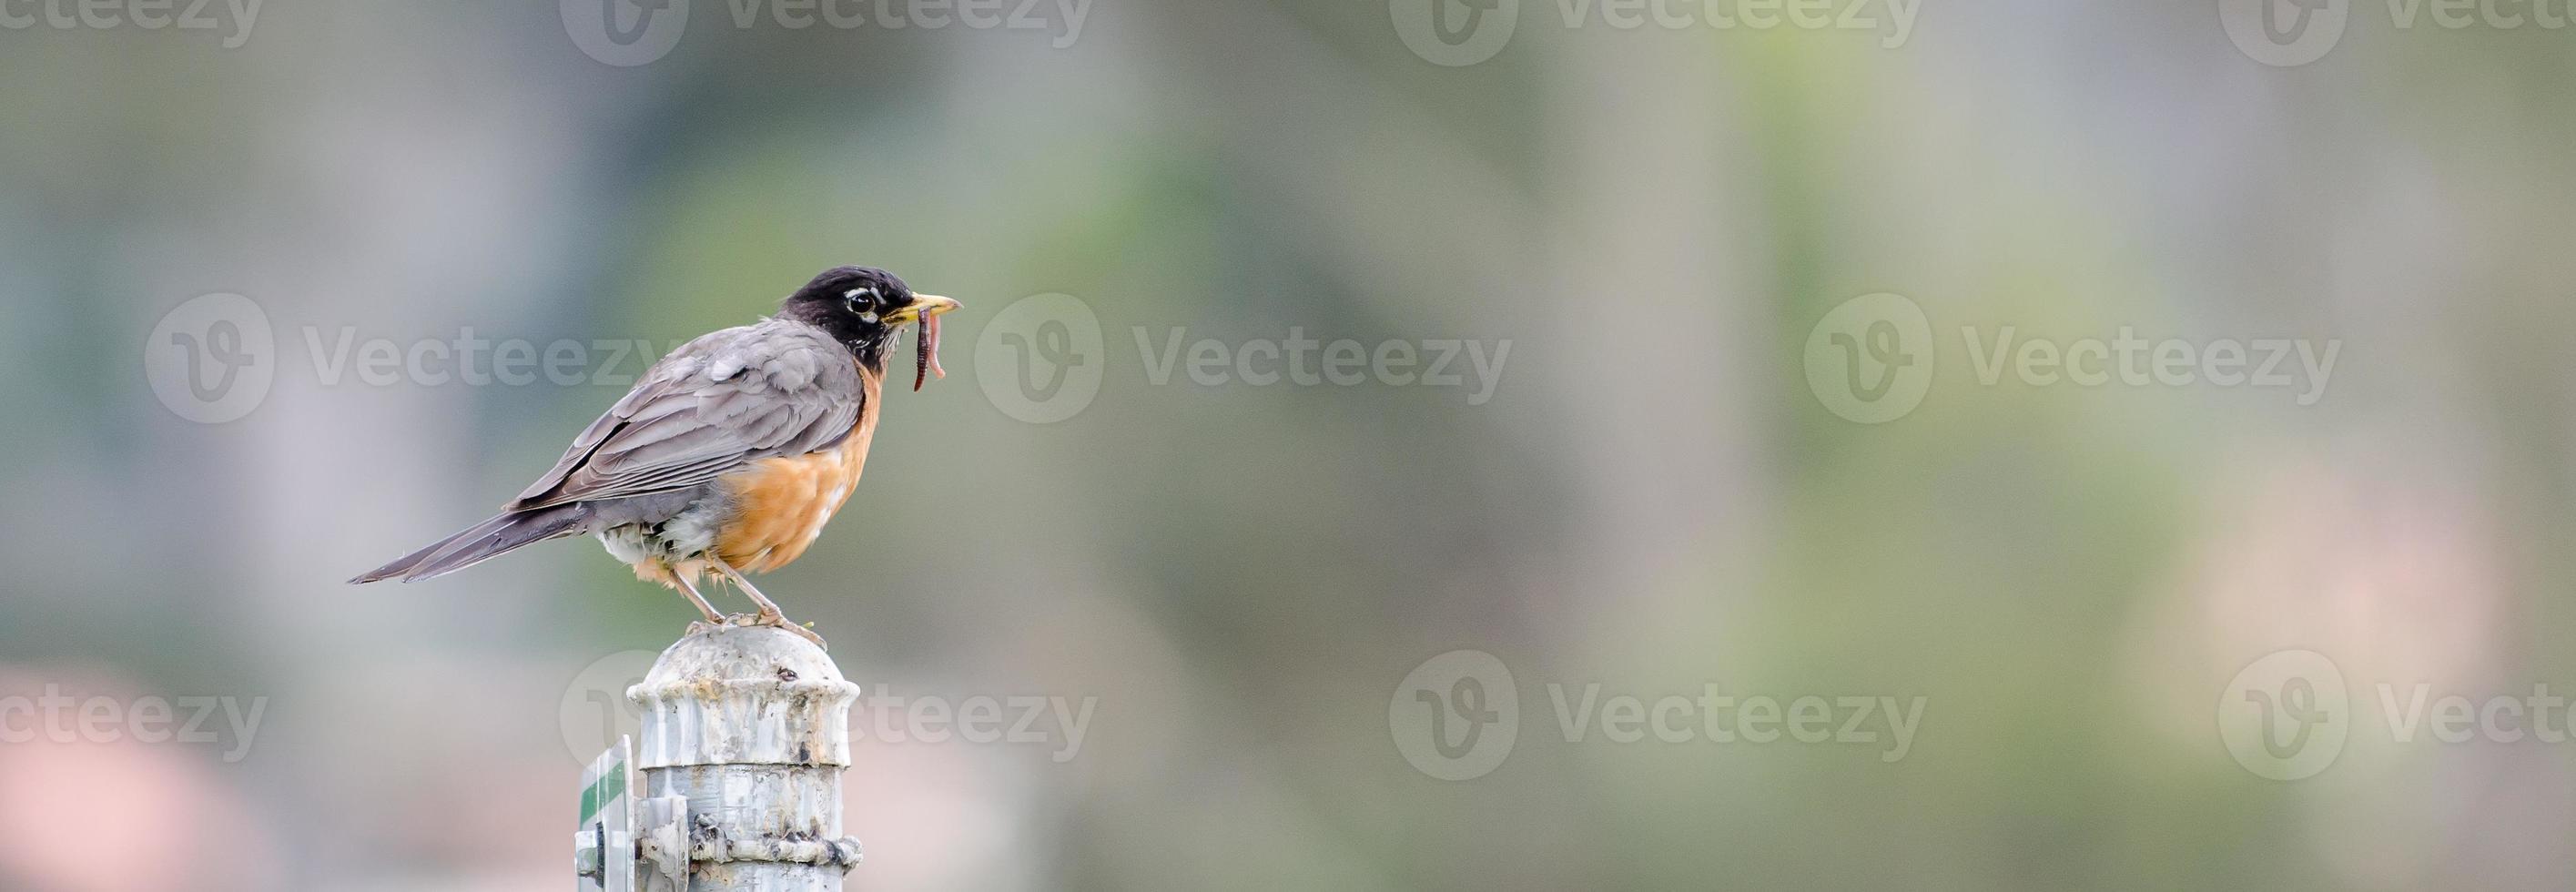 petirrojo americano con gusano foto